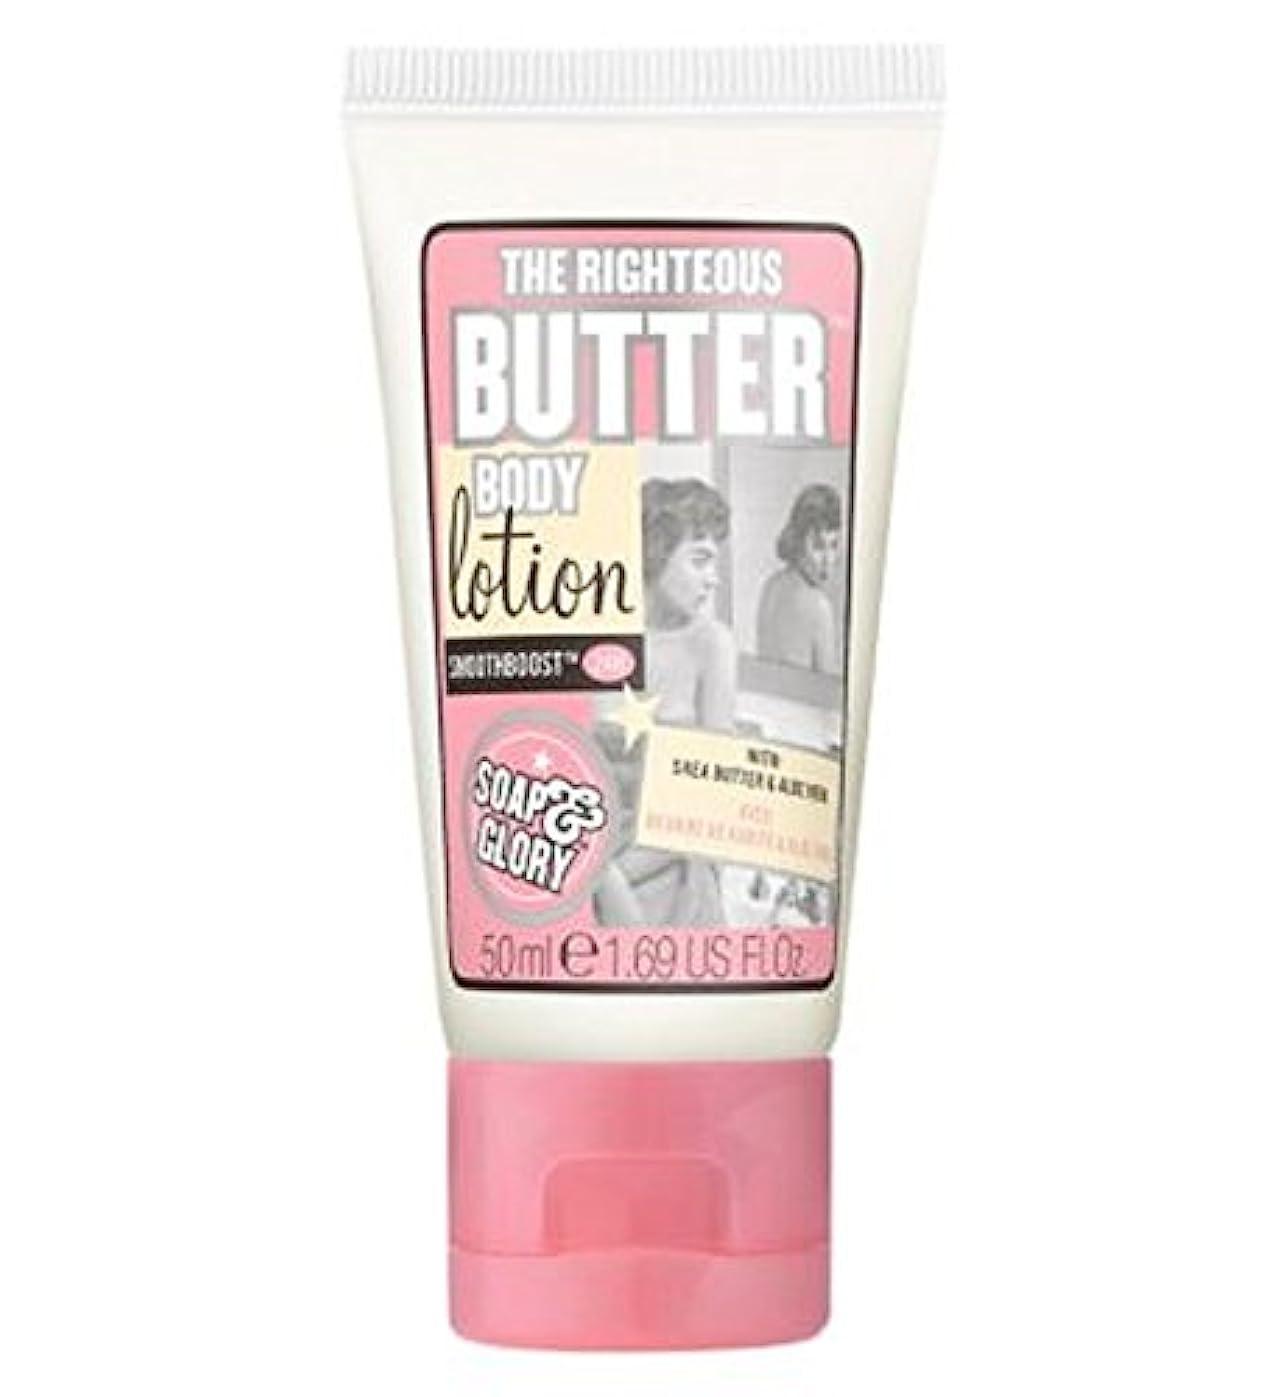 取るに足らないランチ役に立つSoap & Glory The Righteous Butter Lotion 50ml - 石鹸&栄光正義のバターローション50ミリリットル (Soap & Glory) [並行輸入品]